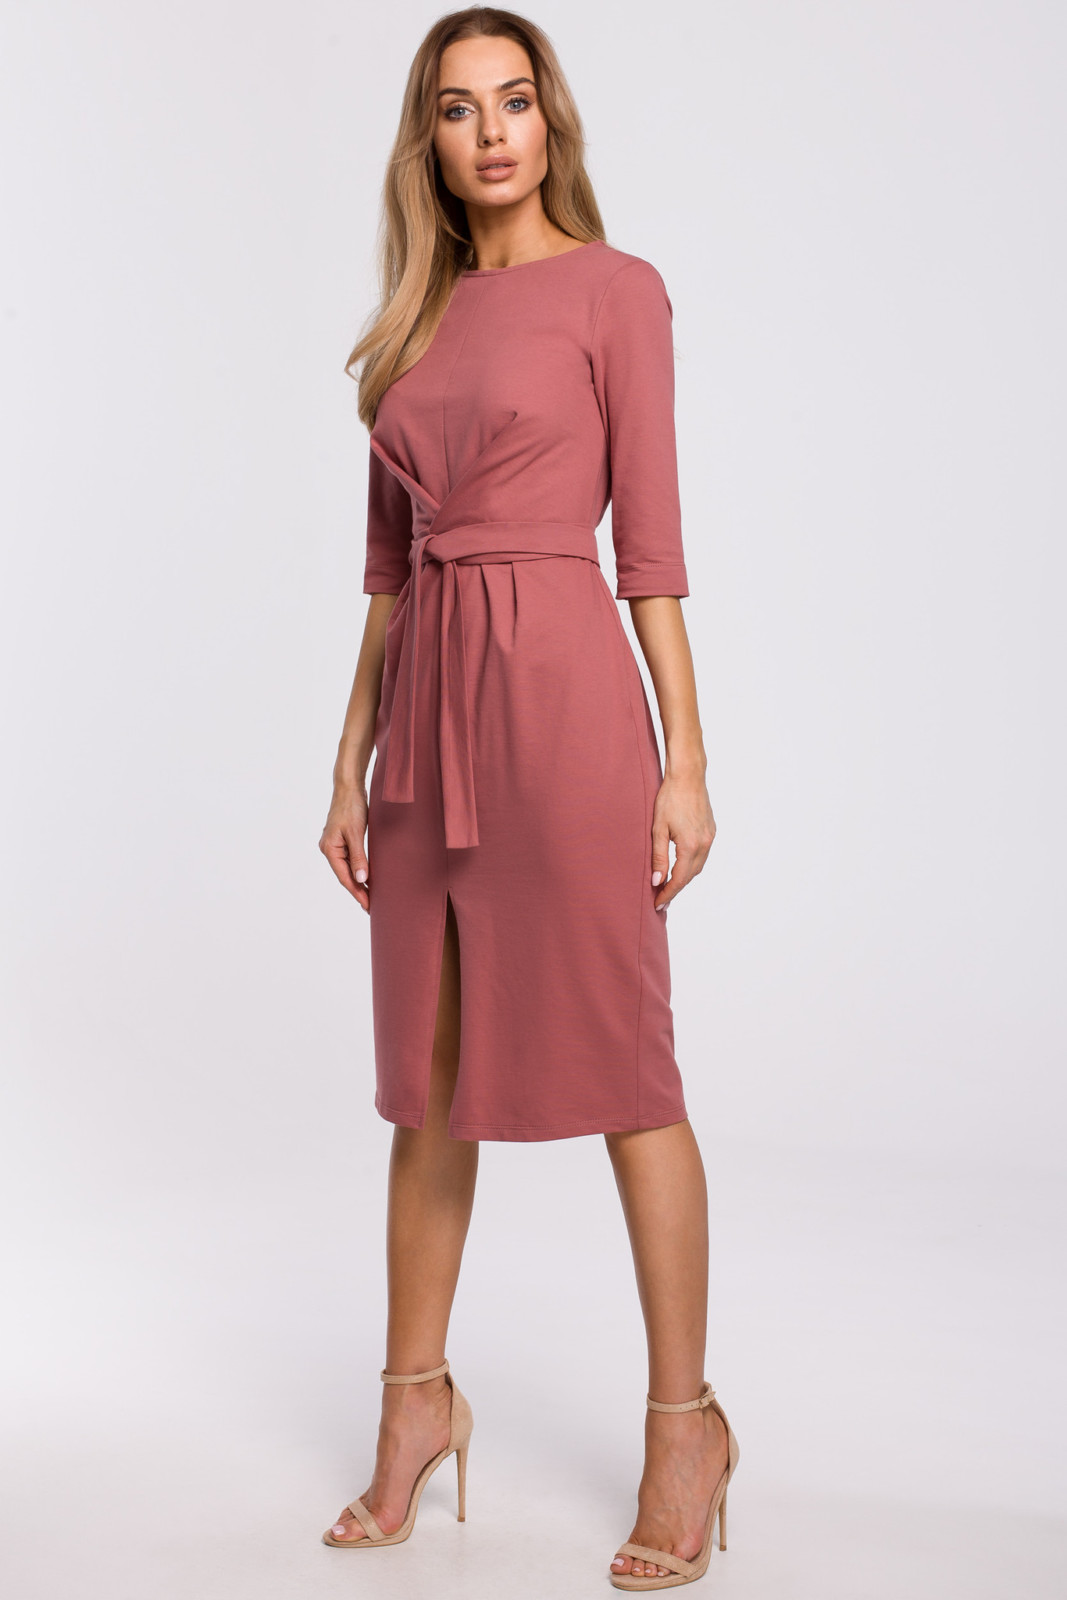 Efektowna sukienka midi ze zmysłowym rozcięciem na dole avocado style